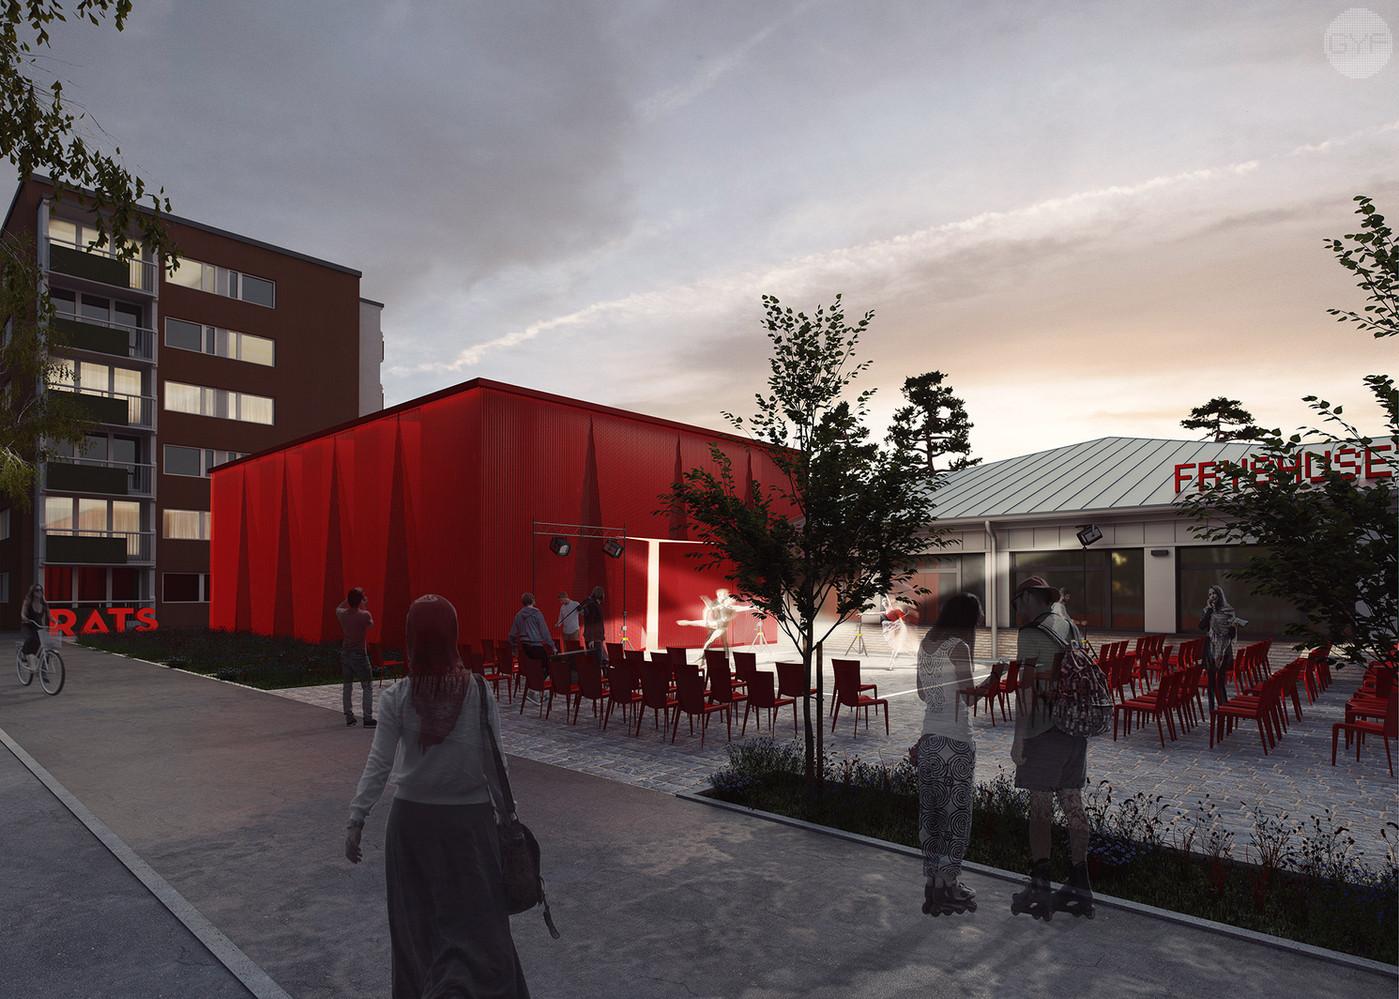 RATS Theatre, adaptation of a school building